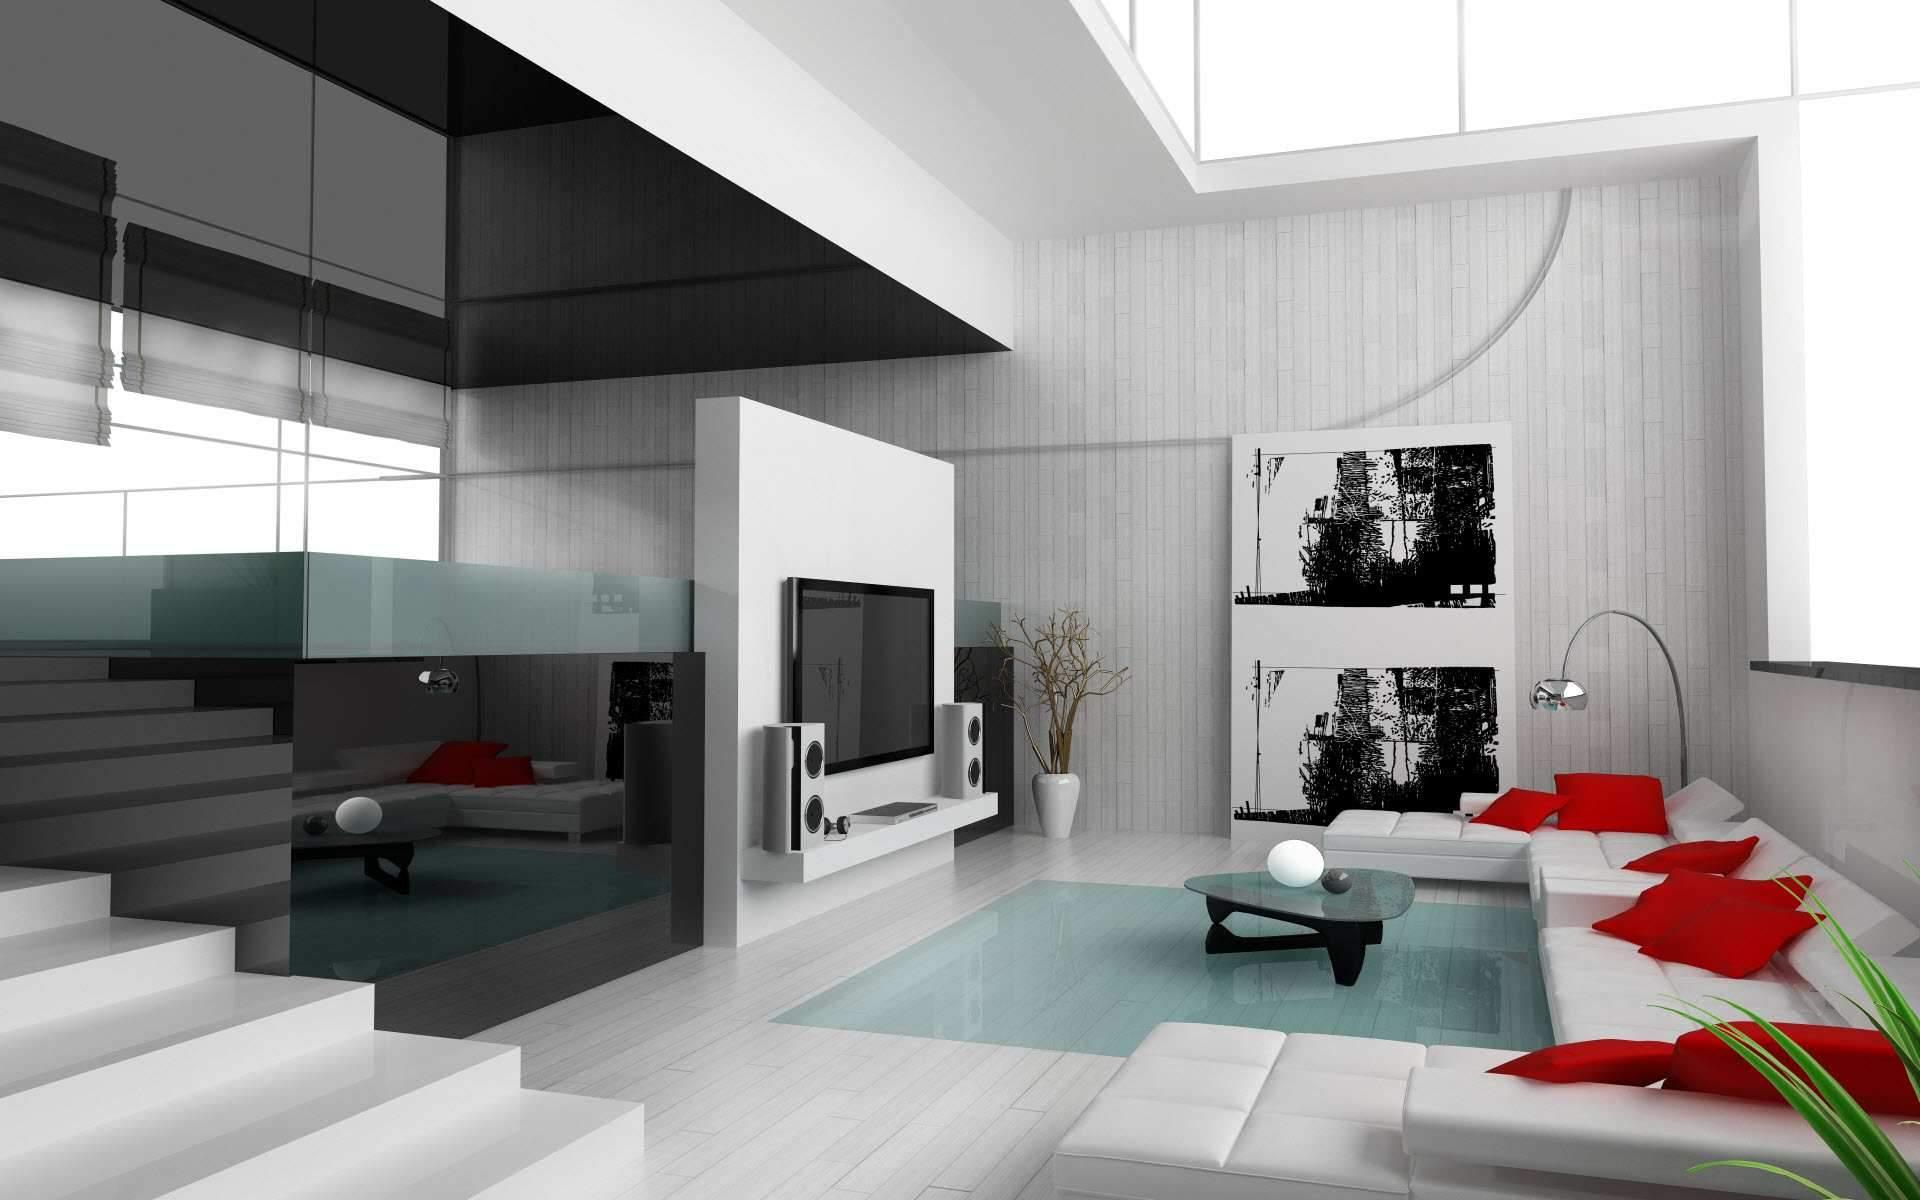 Wohnzimmer Einrichtung mit schwarzes Glas und weißem Sofa